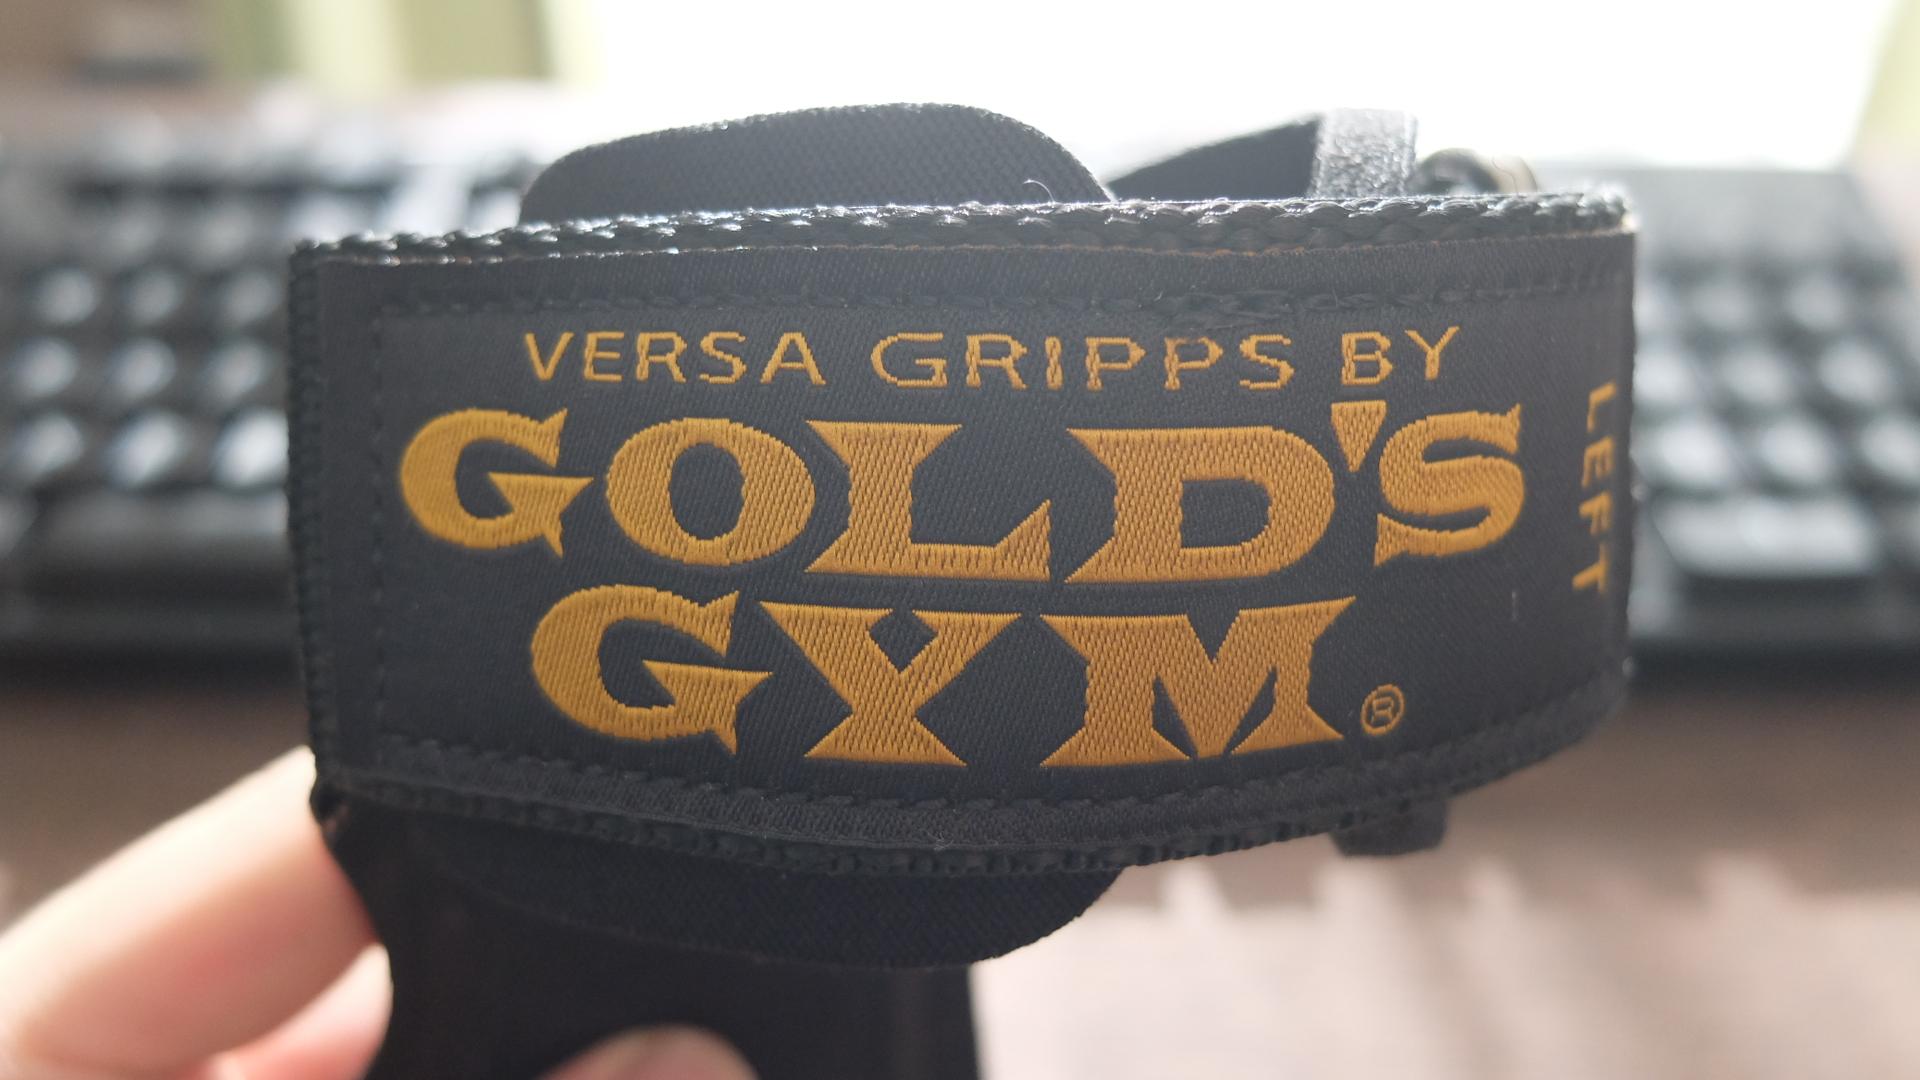 【筋トレマニアの神器】ゴールドジム(GOLD'S GYM) パワーグリッププロG3710を1ヶ月使った感想・レビューをしていきます。